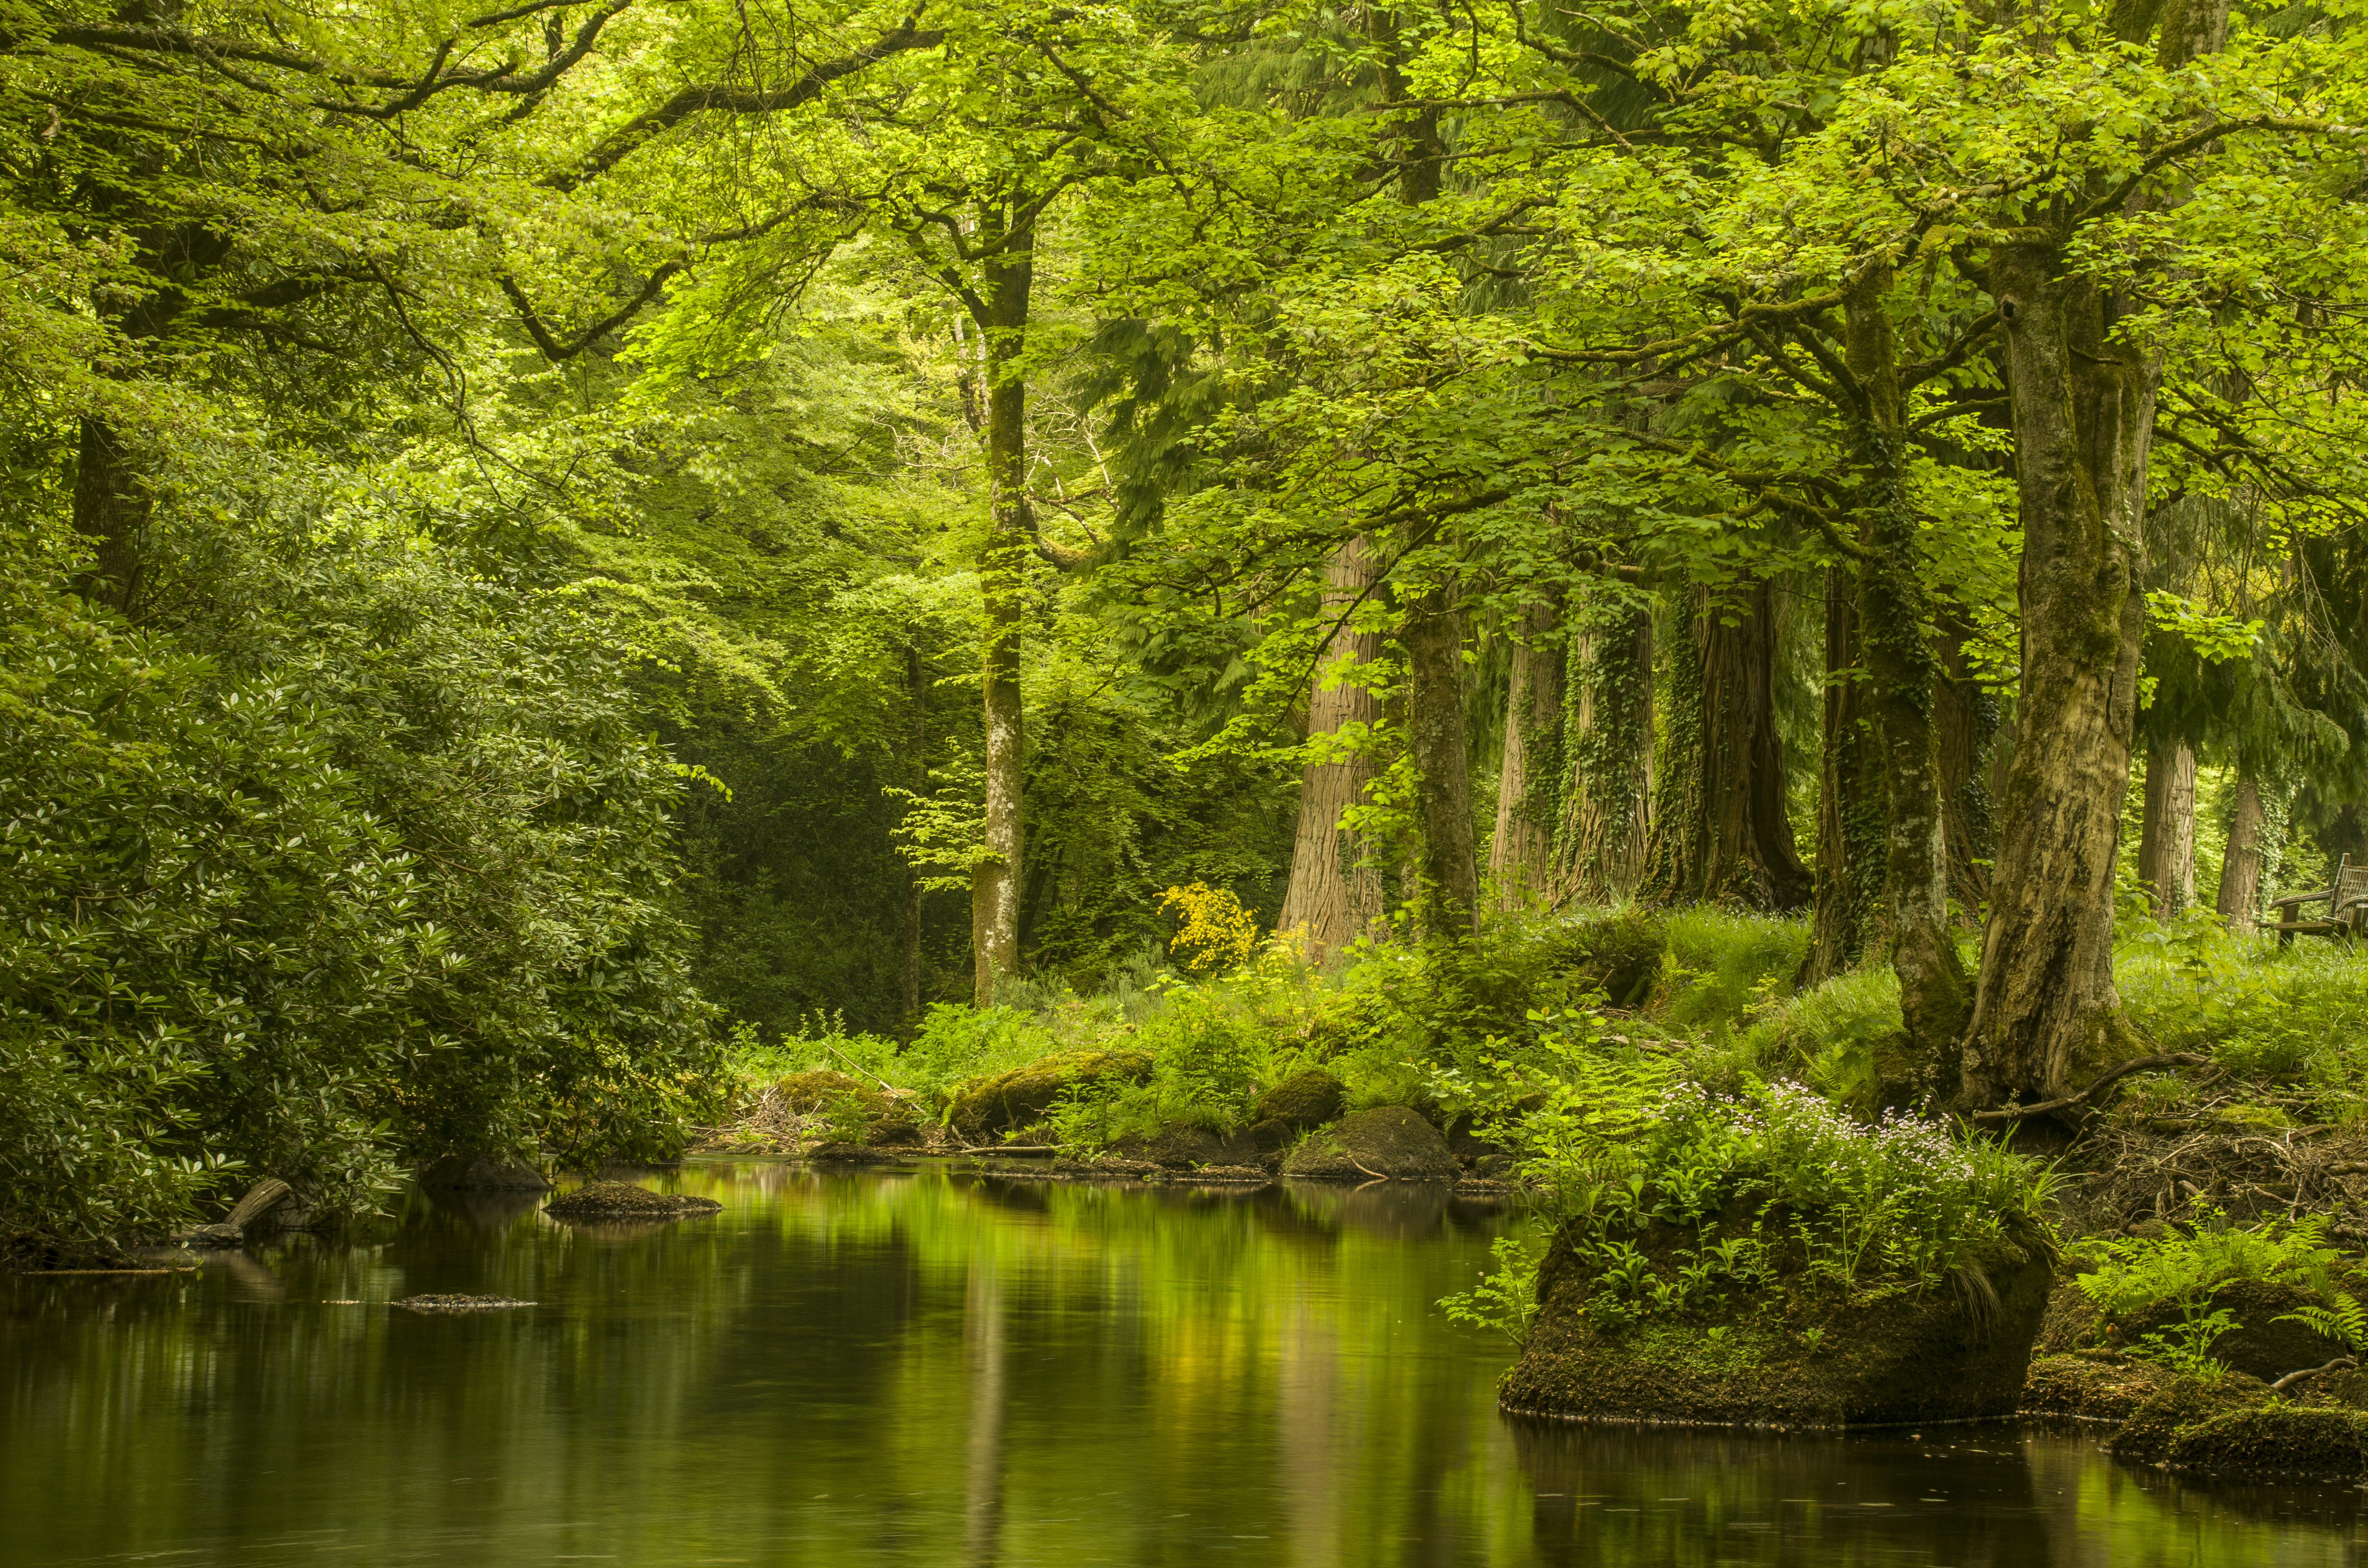 Gidleigh Stream